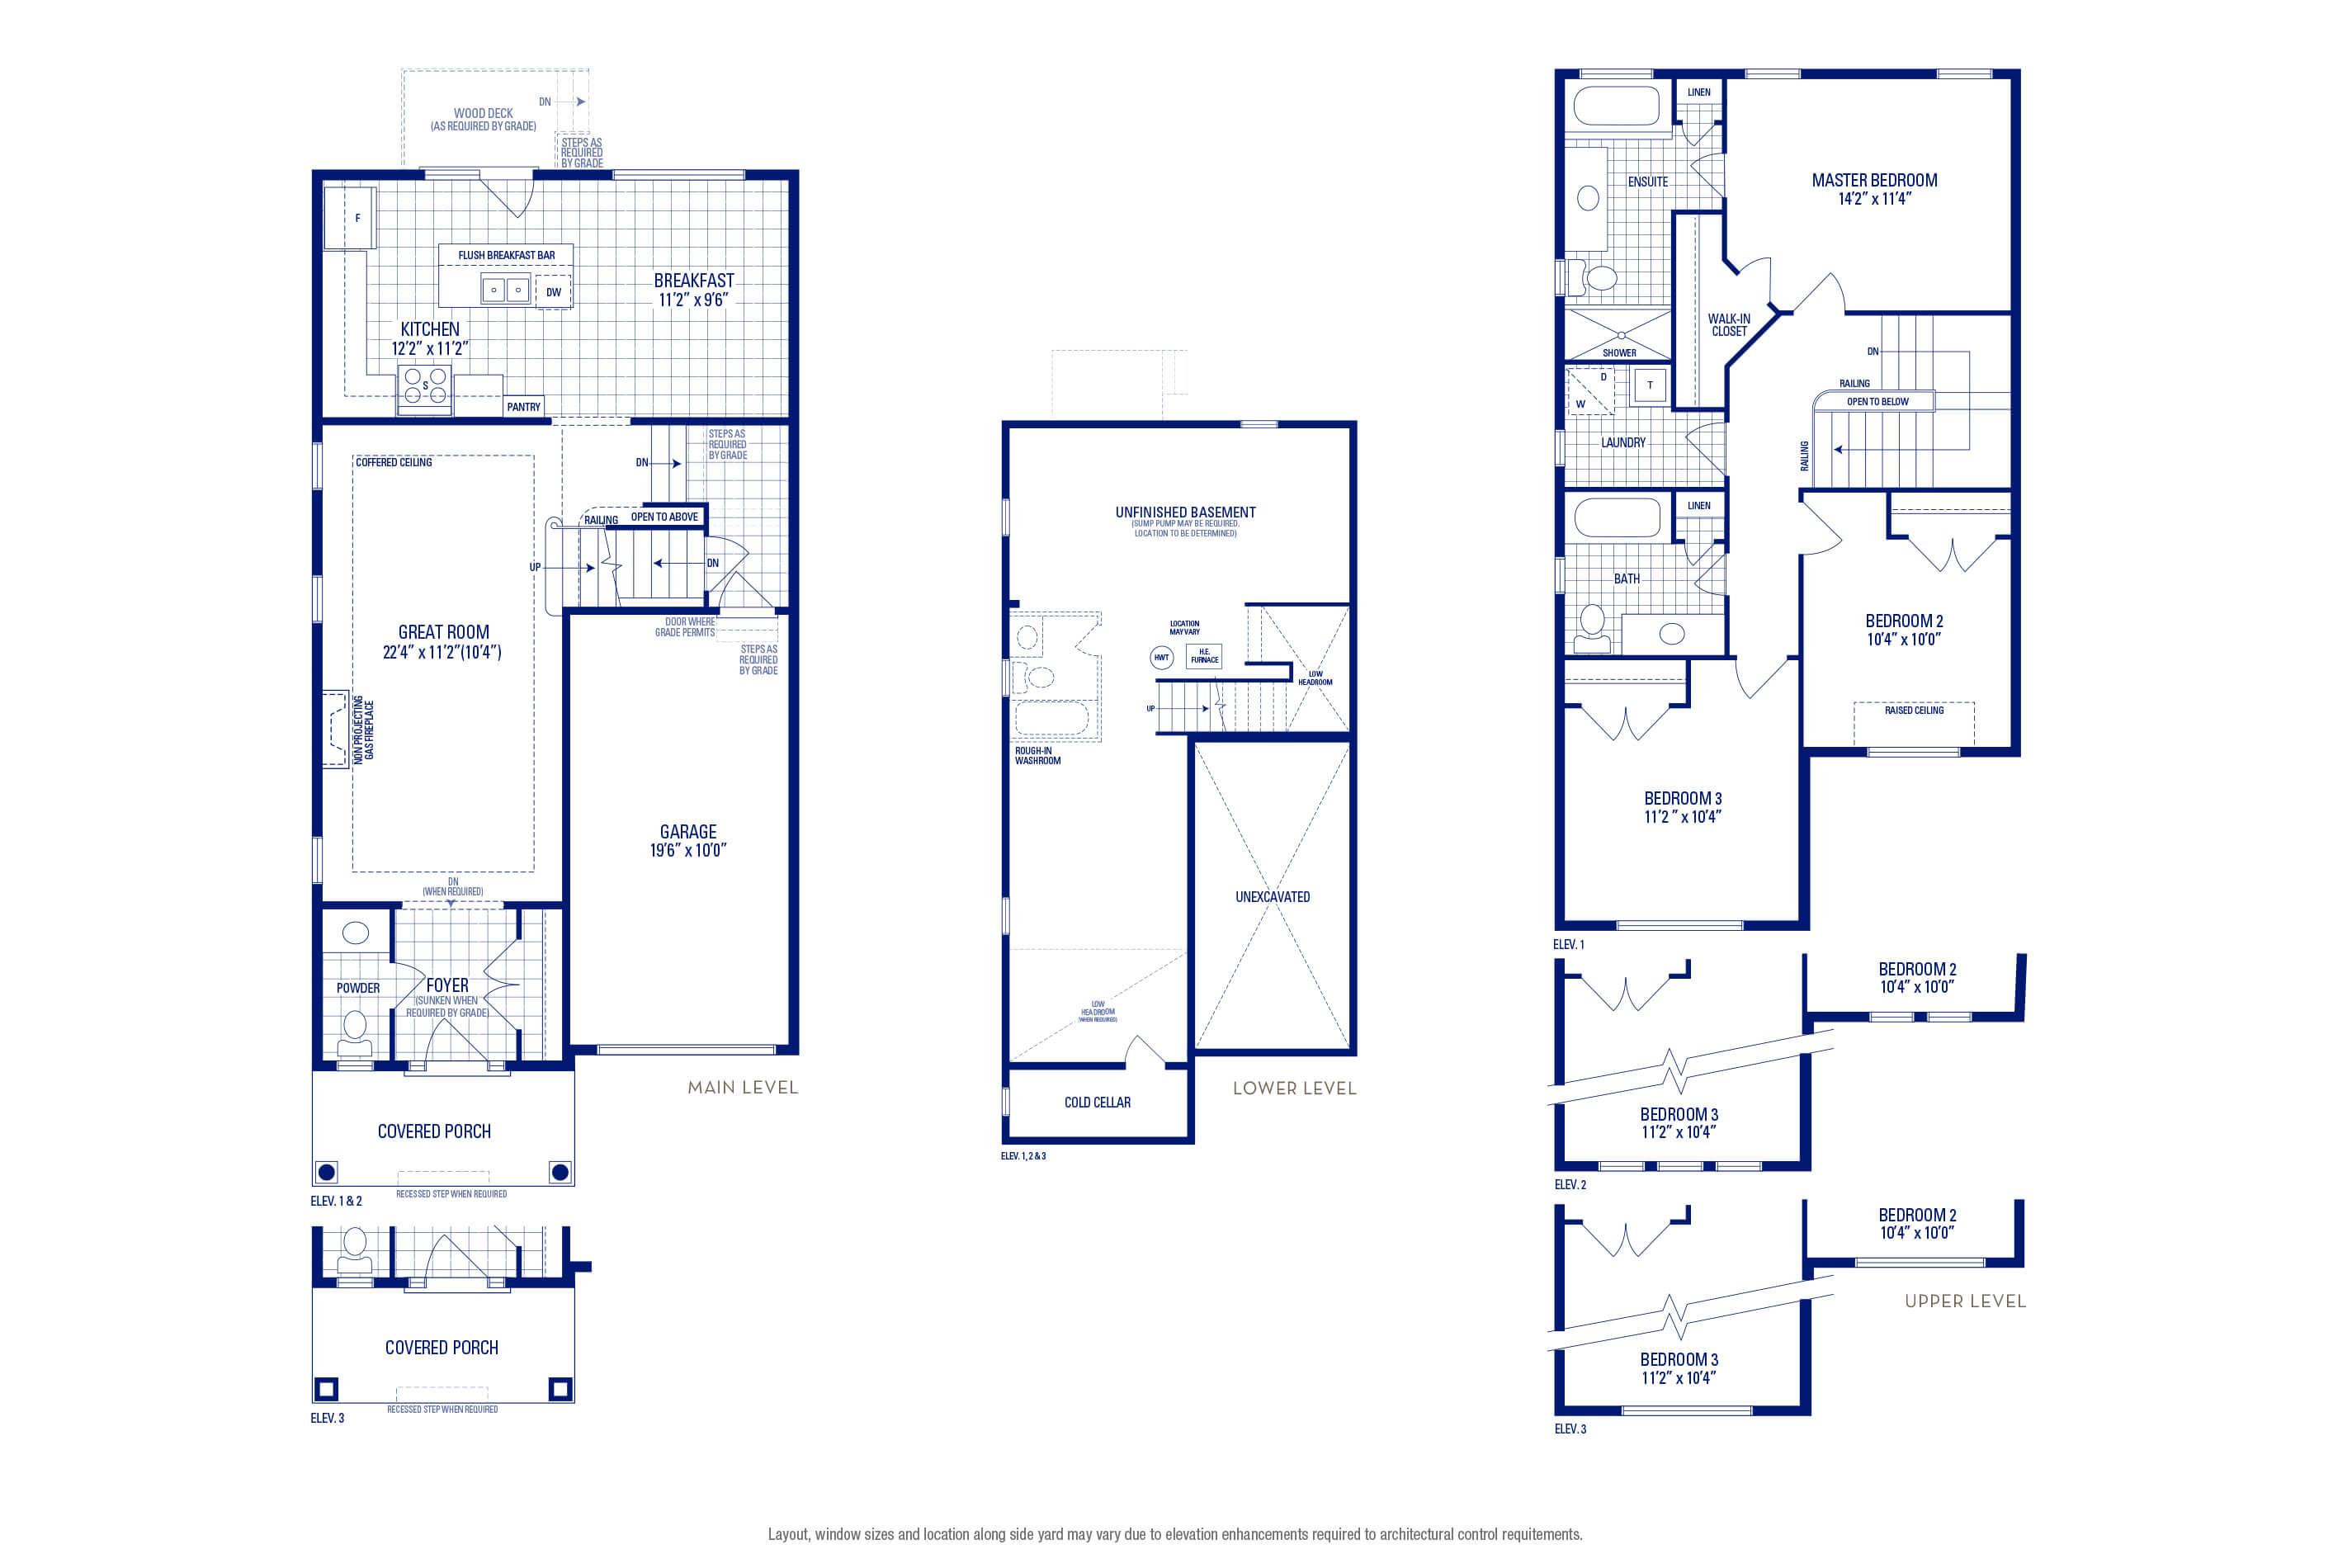 Heritage 01A Elev. 2 Floorplan